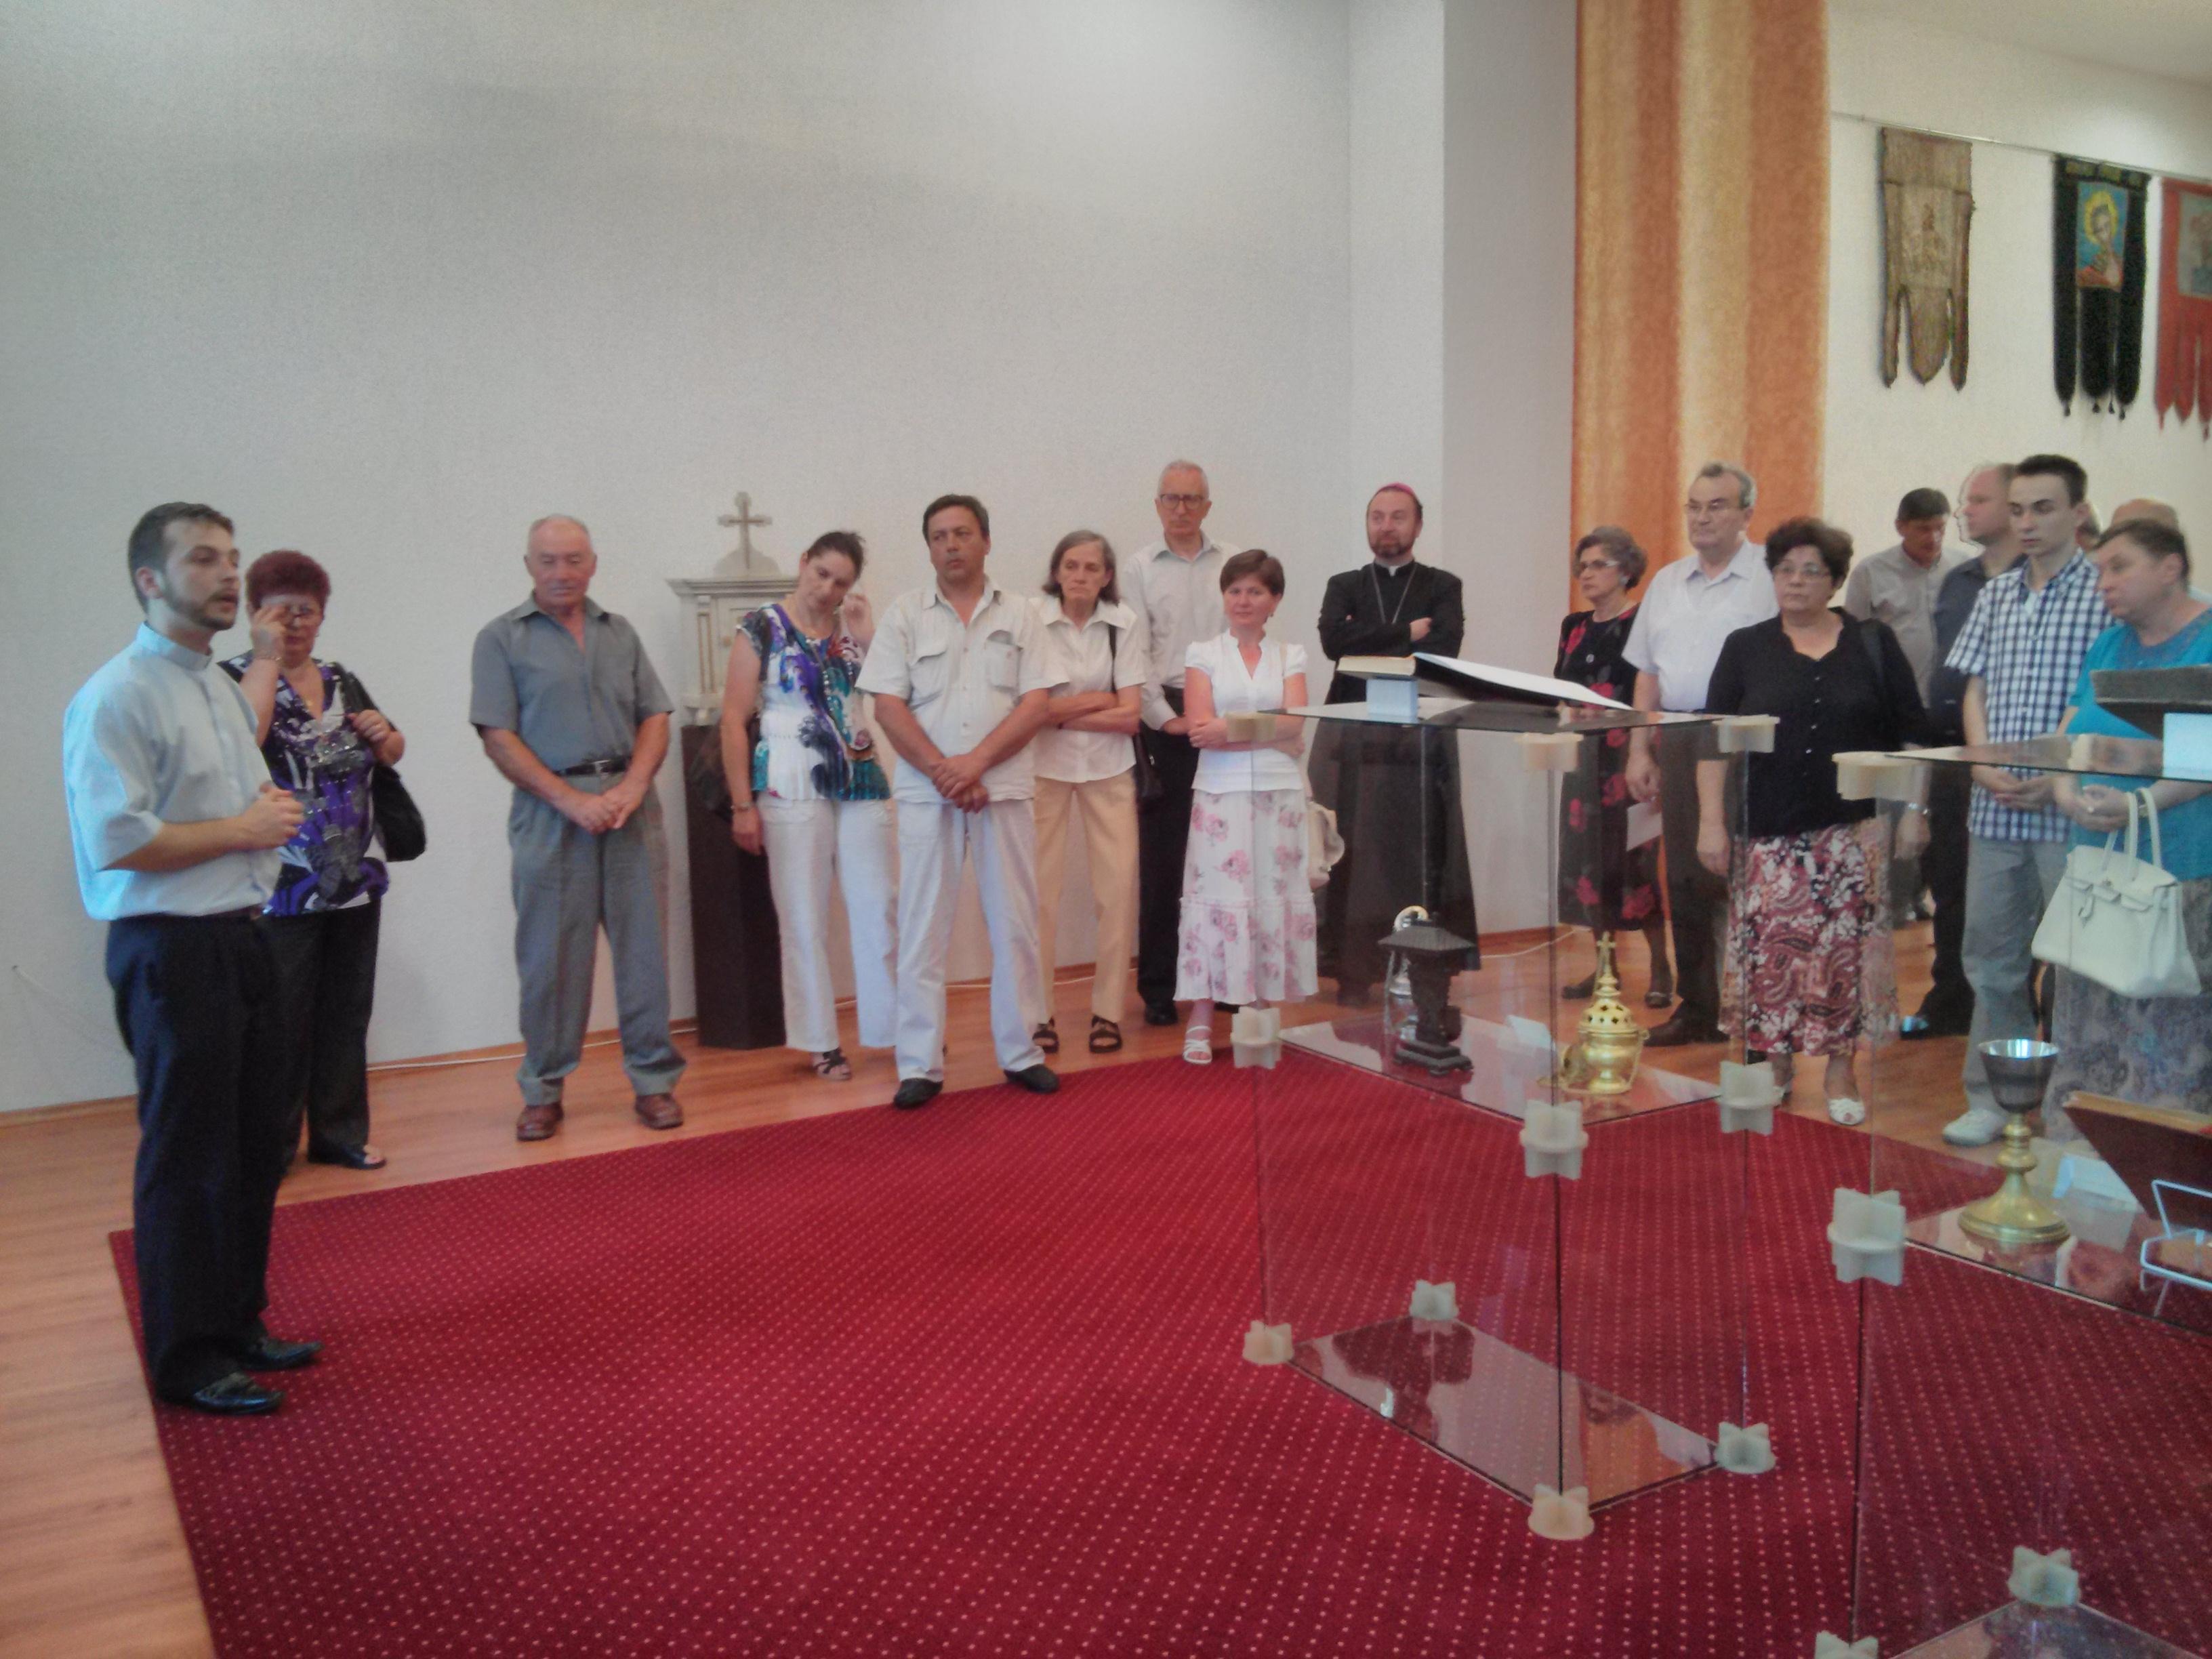 Alexandru Lupeanu-Melin omagiat cu ocazia vernisajului expoziției de obiecte de cult expuse la Curia Arhiepiscopiei Majore